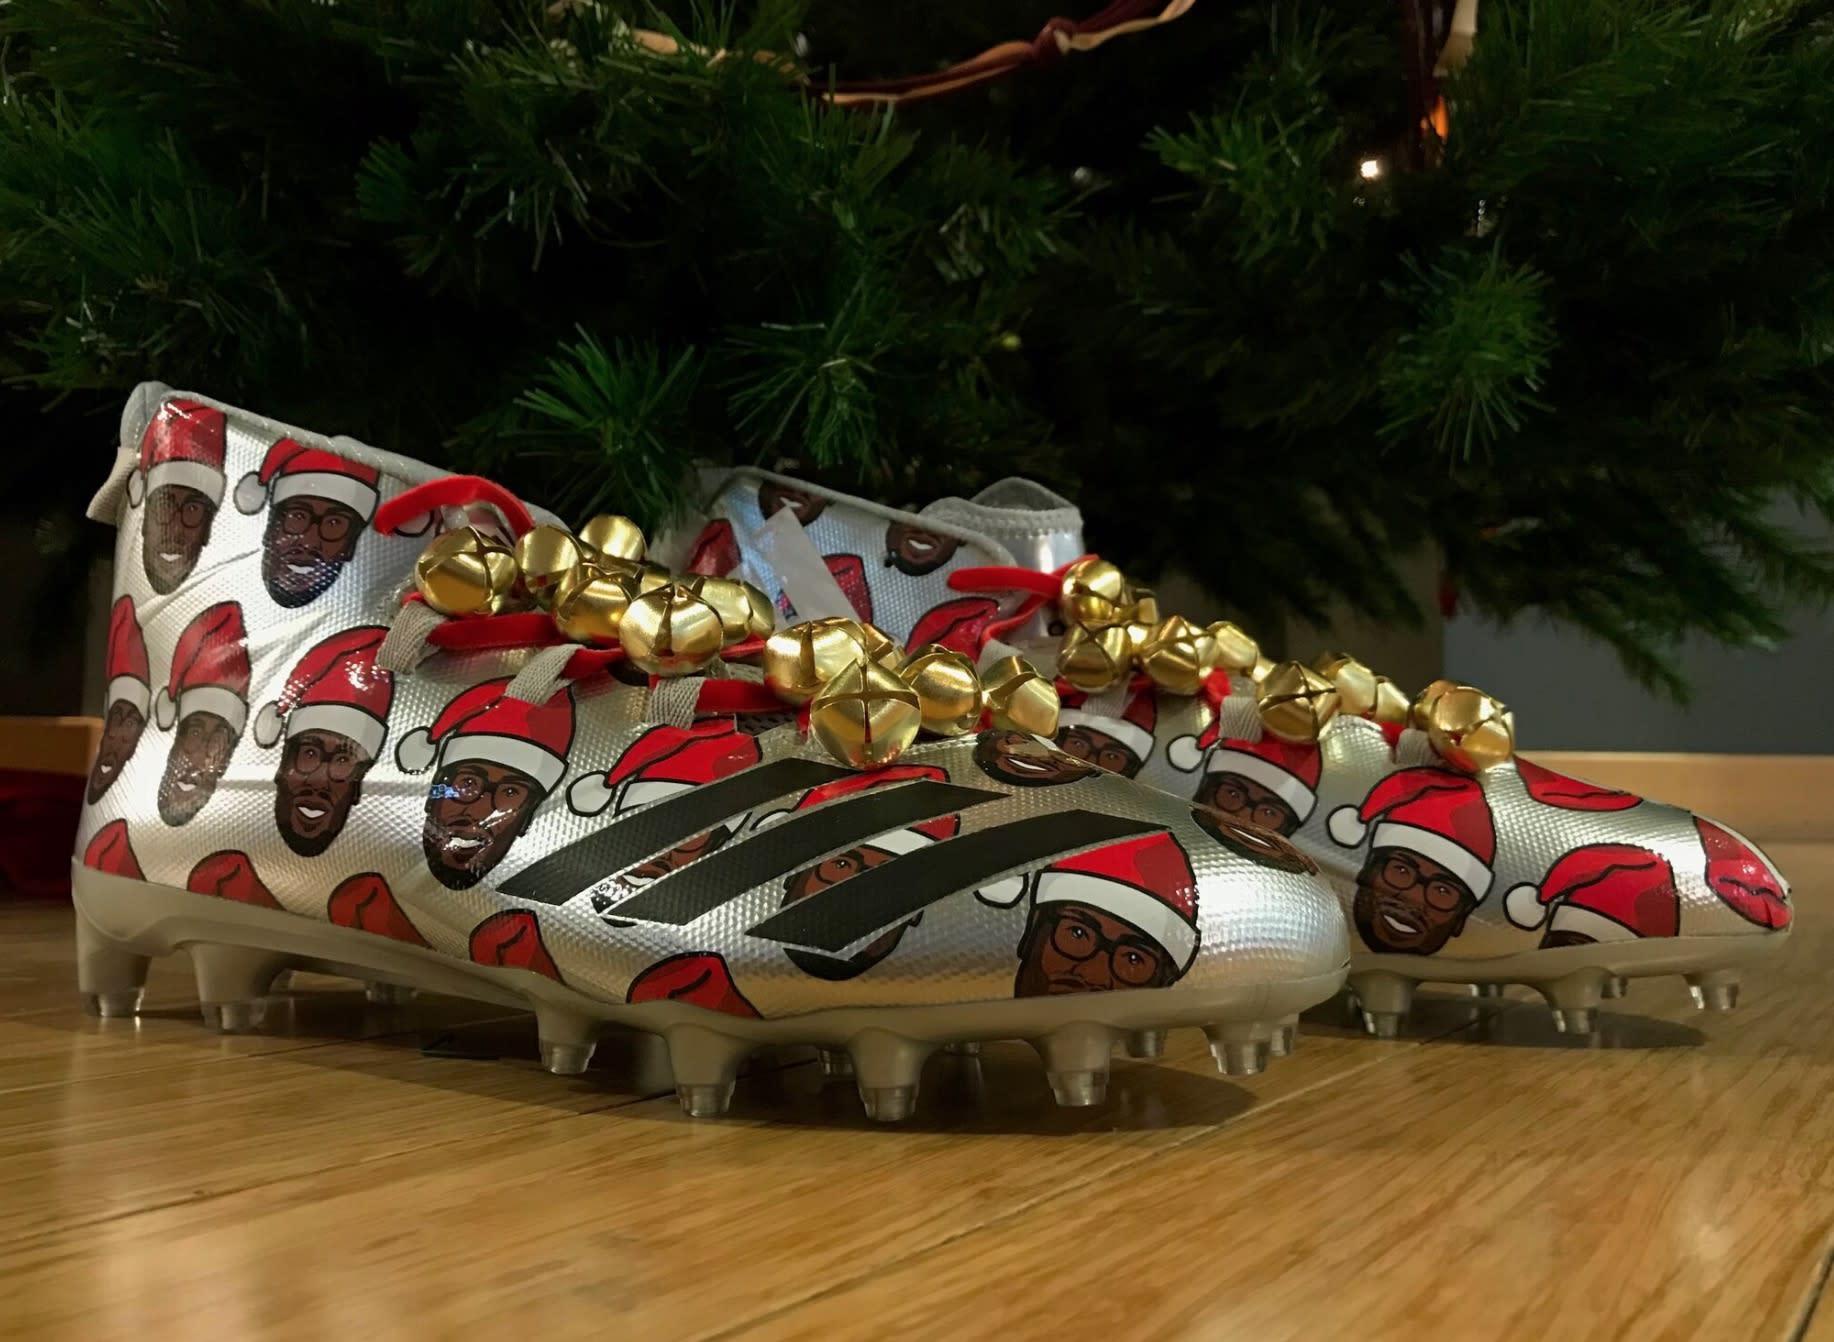 Von Miller Adidas Freak Christmas Cleats